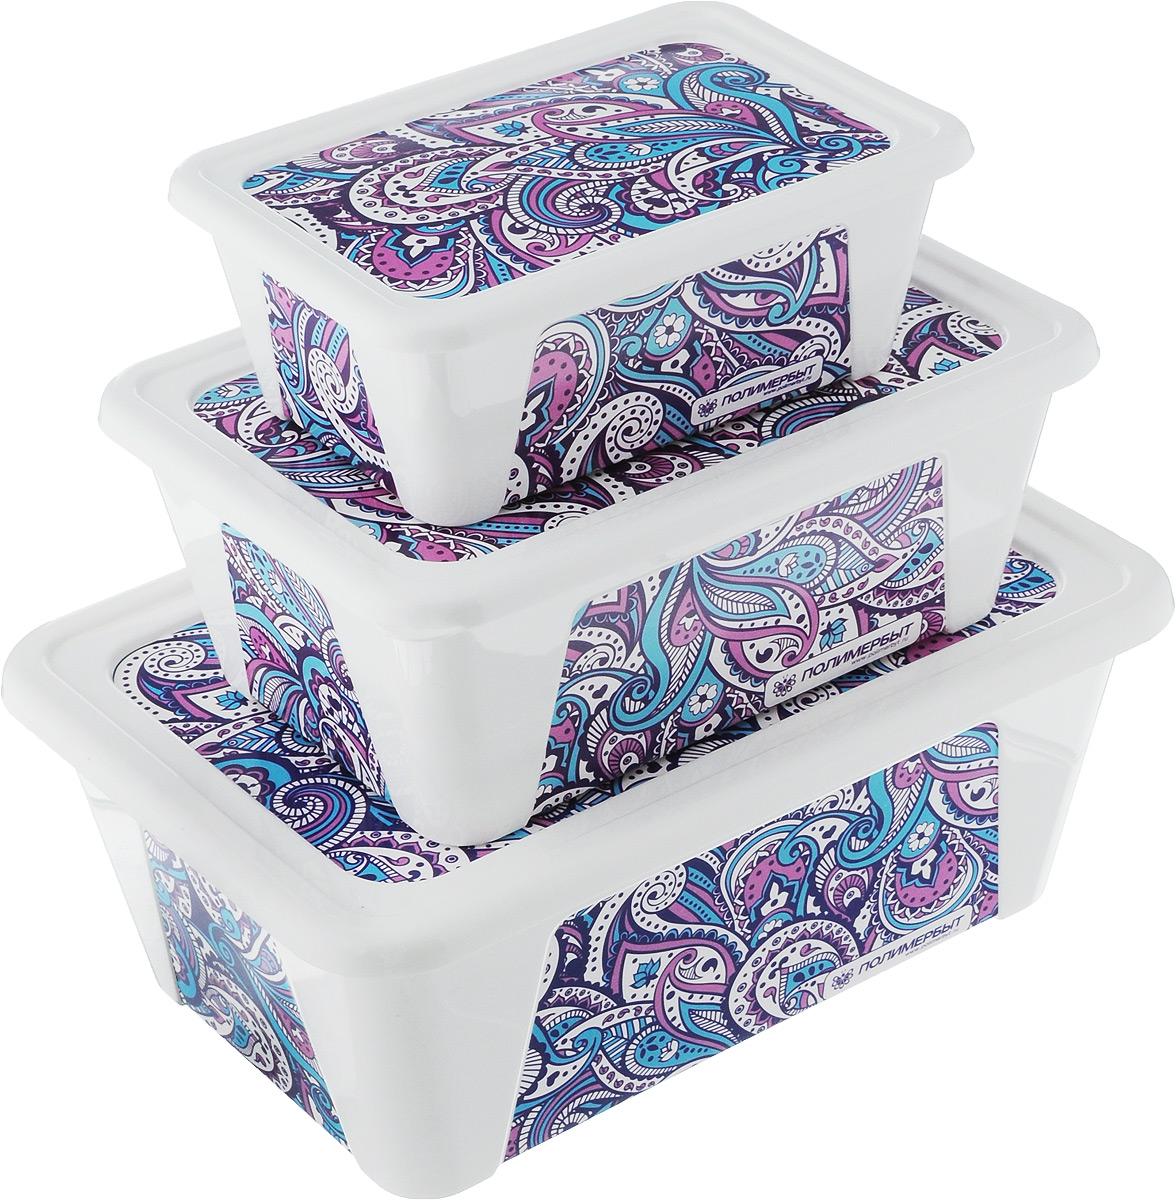 Набор контейнеров для хранения Полимербыт Пейсли, 3 предмета. SGHPBKP77SGHPBKP77Набор Полимербыт Пейсли состоит из трех контейнеров для хранения, которые выполнены из пластика и оформлены оригинальным рисунком. Изделие подойдет для хранения различных бытовых предметов. Удобные в использовании и хранении. Размеры контейнеров: 22 х 15 х 8,5 см; 17,5 х 12,5 х 7 см; 13,5 х 9,5 х 5 см. Объем контейнеров: 0,4 л; 0,9 л; 1,65 л.